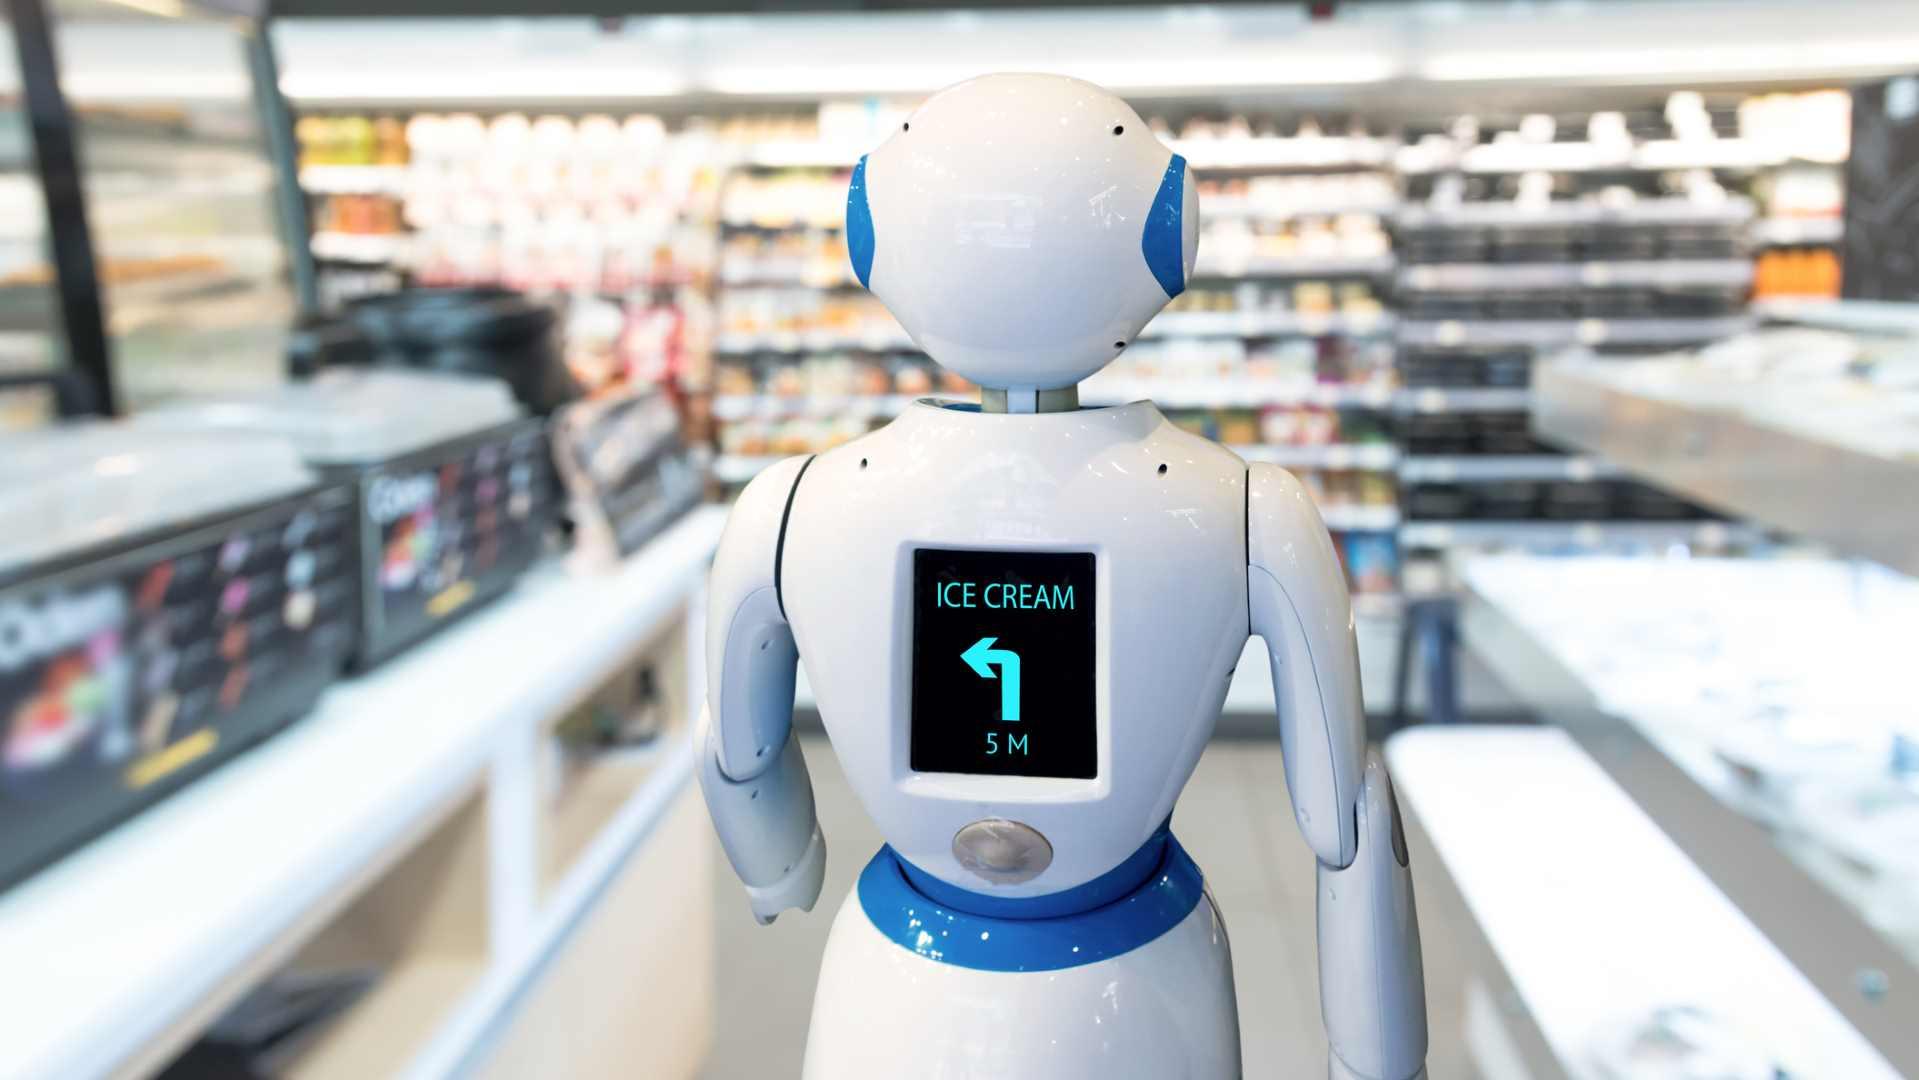 Perakendeciler, Stok Takibi İçin Yapay Zeka ve Robotlardan Nasıl Yararlanıyorlar?